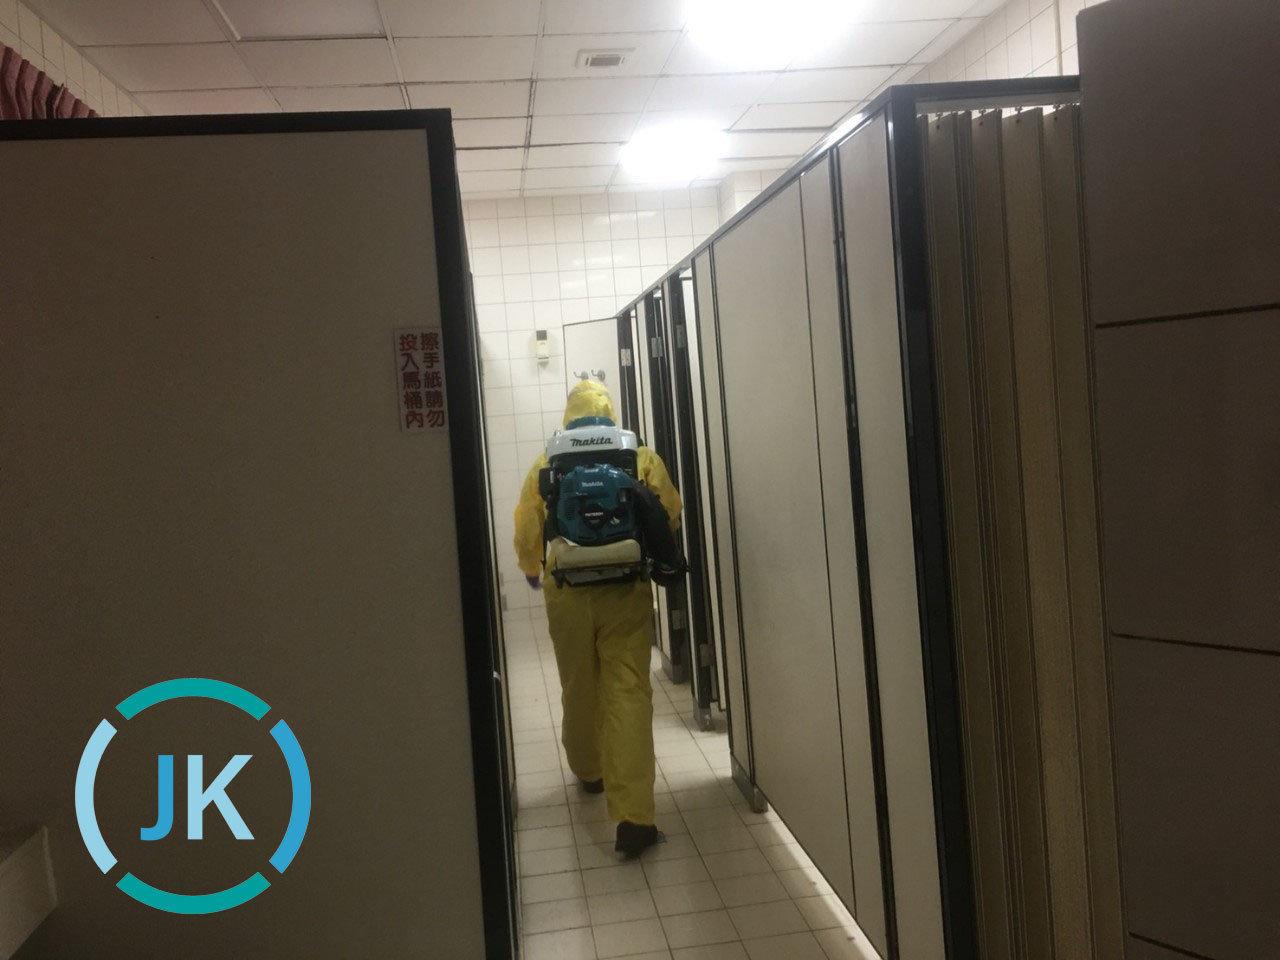 防疫消毒大隊,針對機構室內經常接觸的電梯按鈕、手扶梯、地面、桌椅、電話筒等,和浴廁水龍頭、廁所門把、馬桶蓋及沖水握把,每天至少消毒1次,假設顧客人數眾多且頻繁出入,可適度提高消毒頻率。